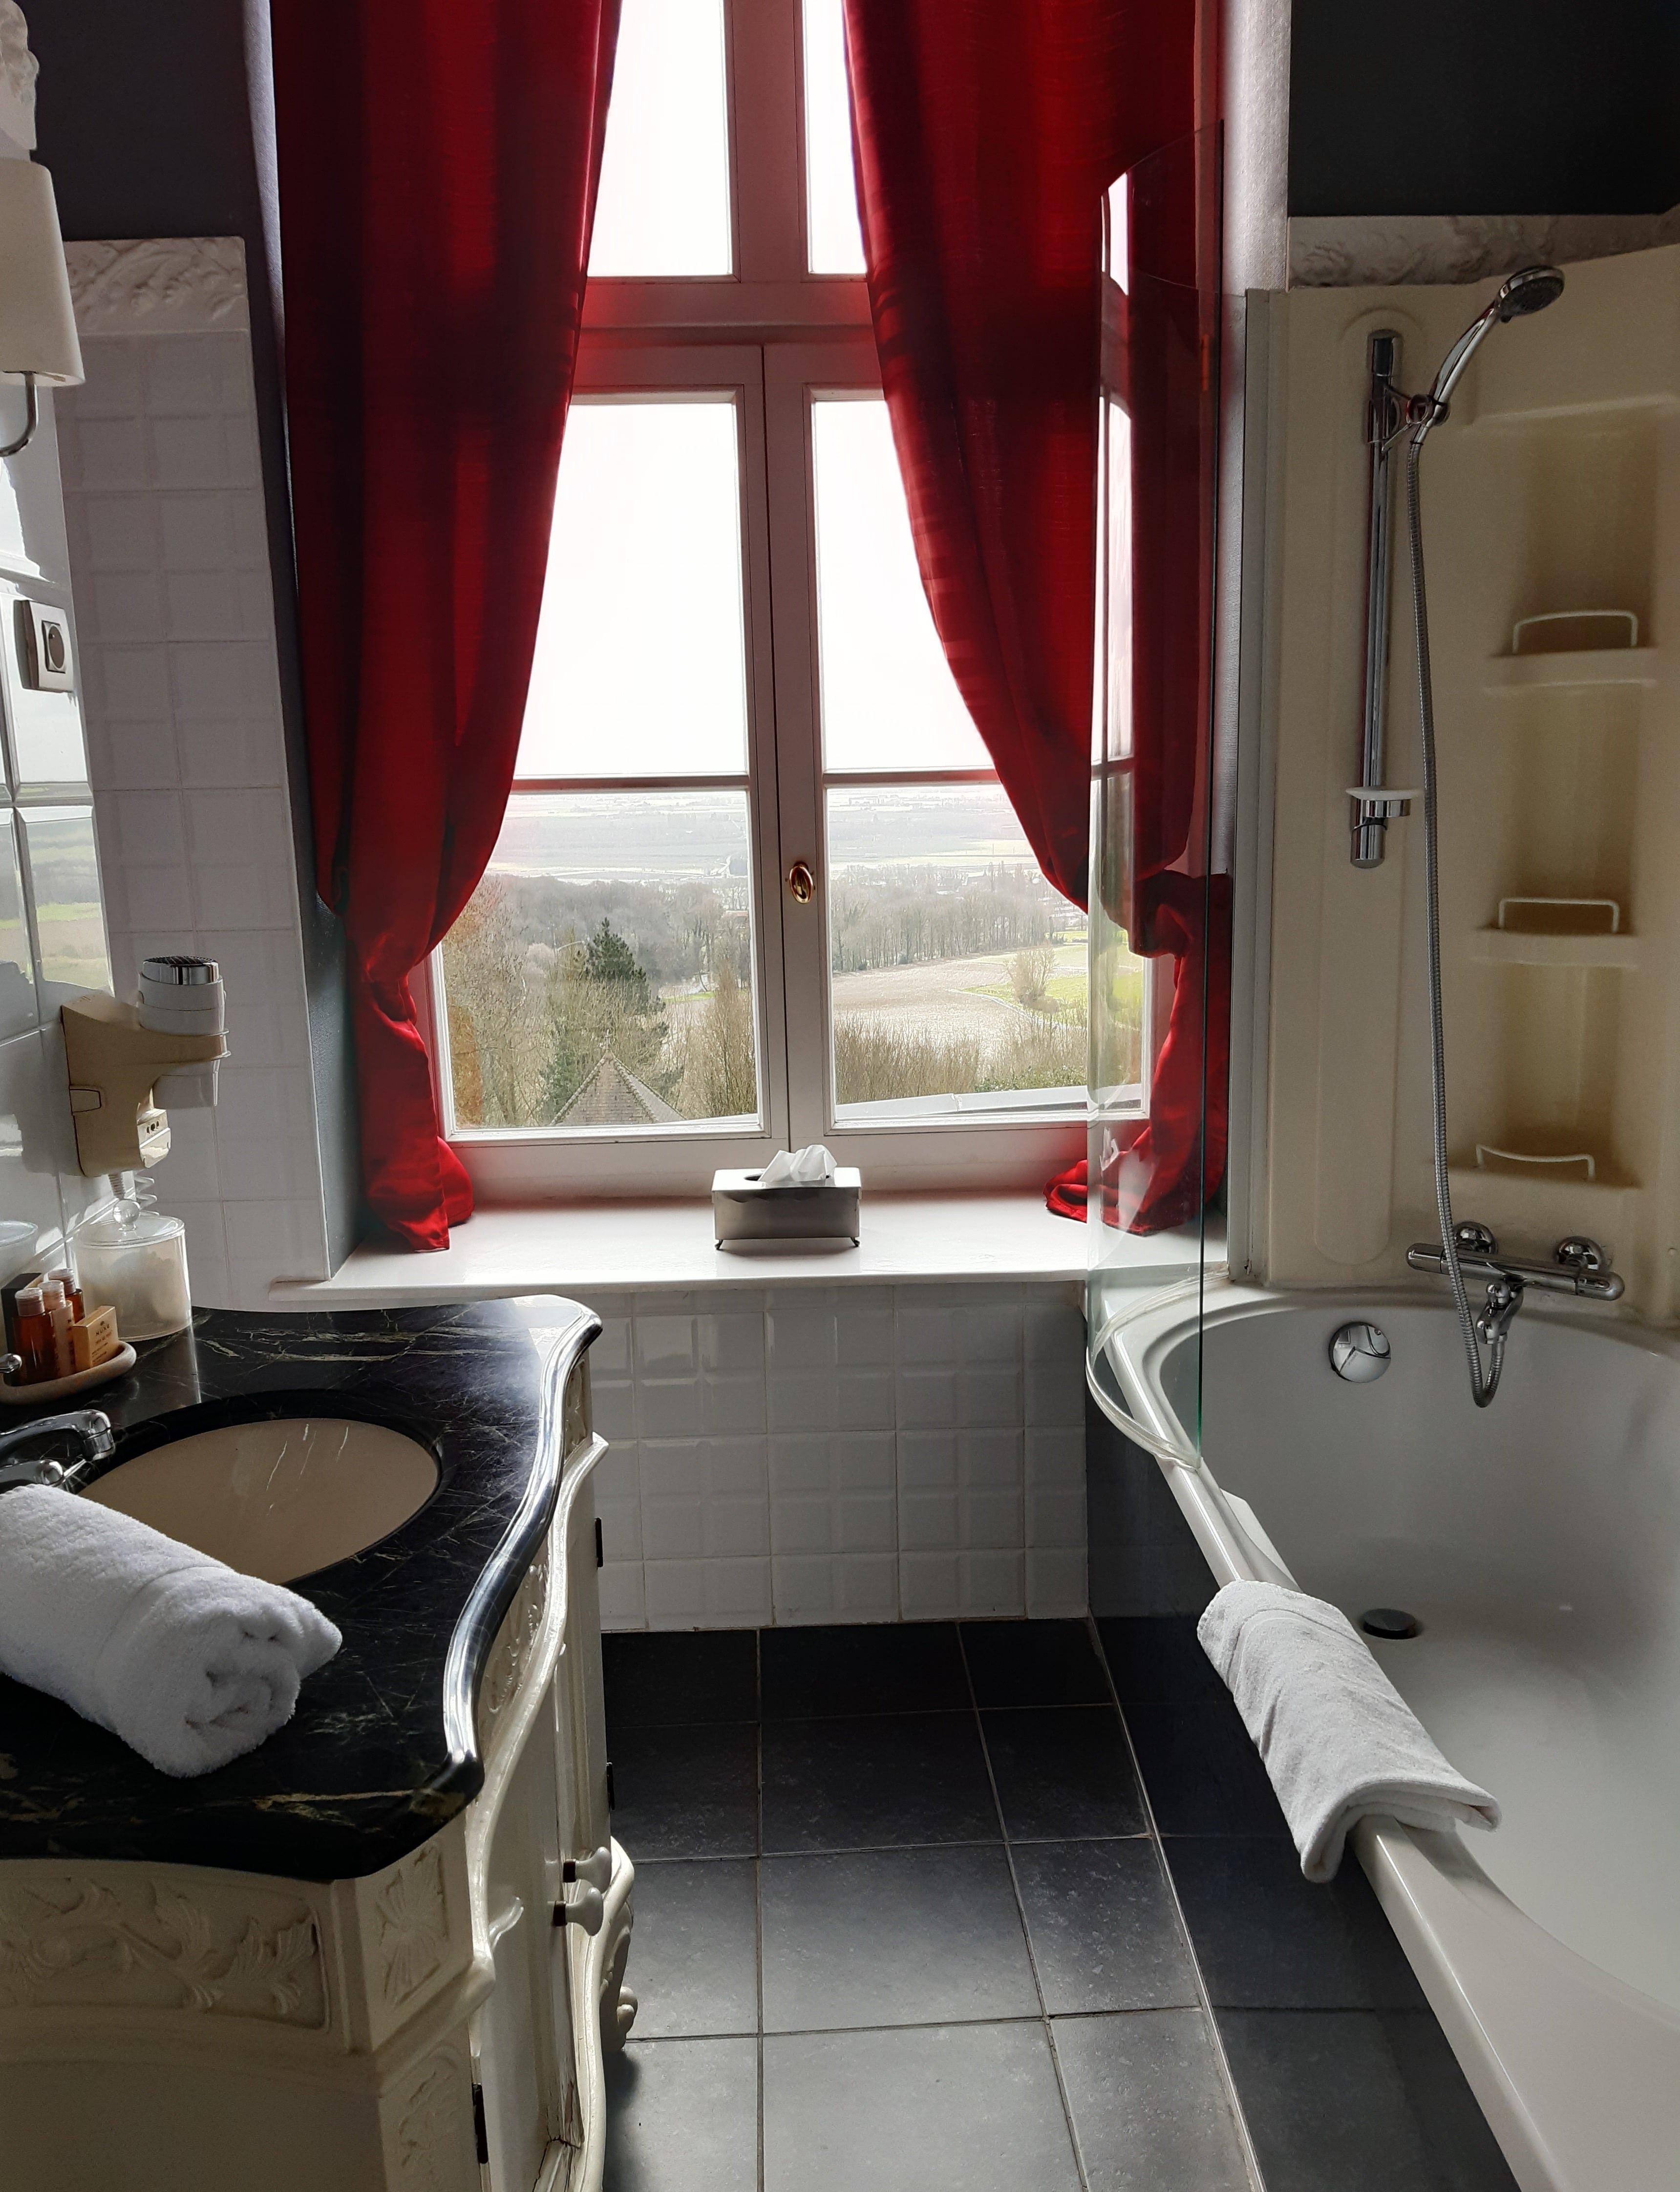 Salle de bain-chambre pompadour-schoebeq